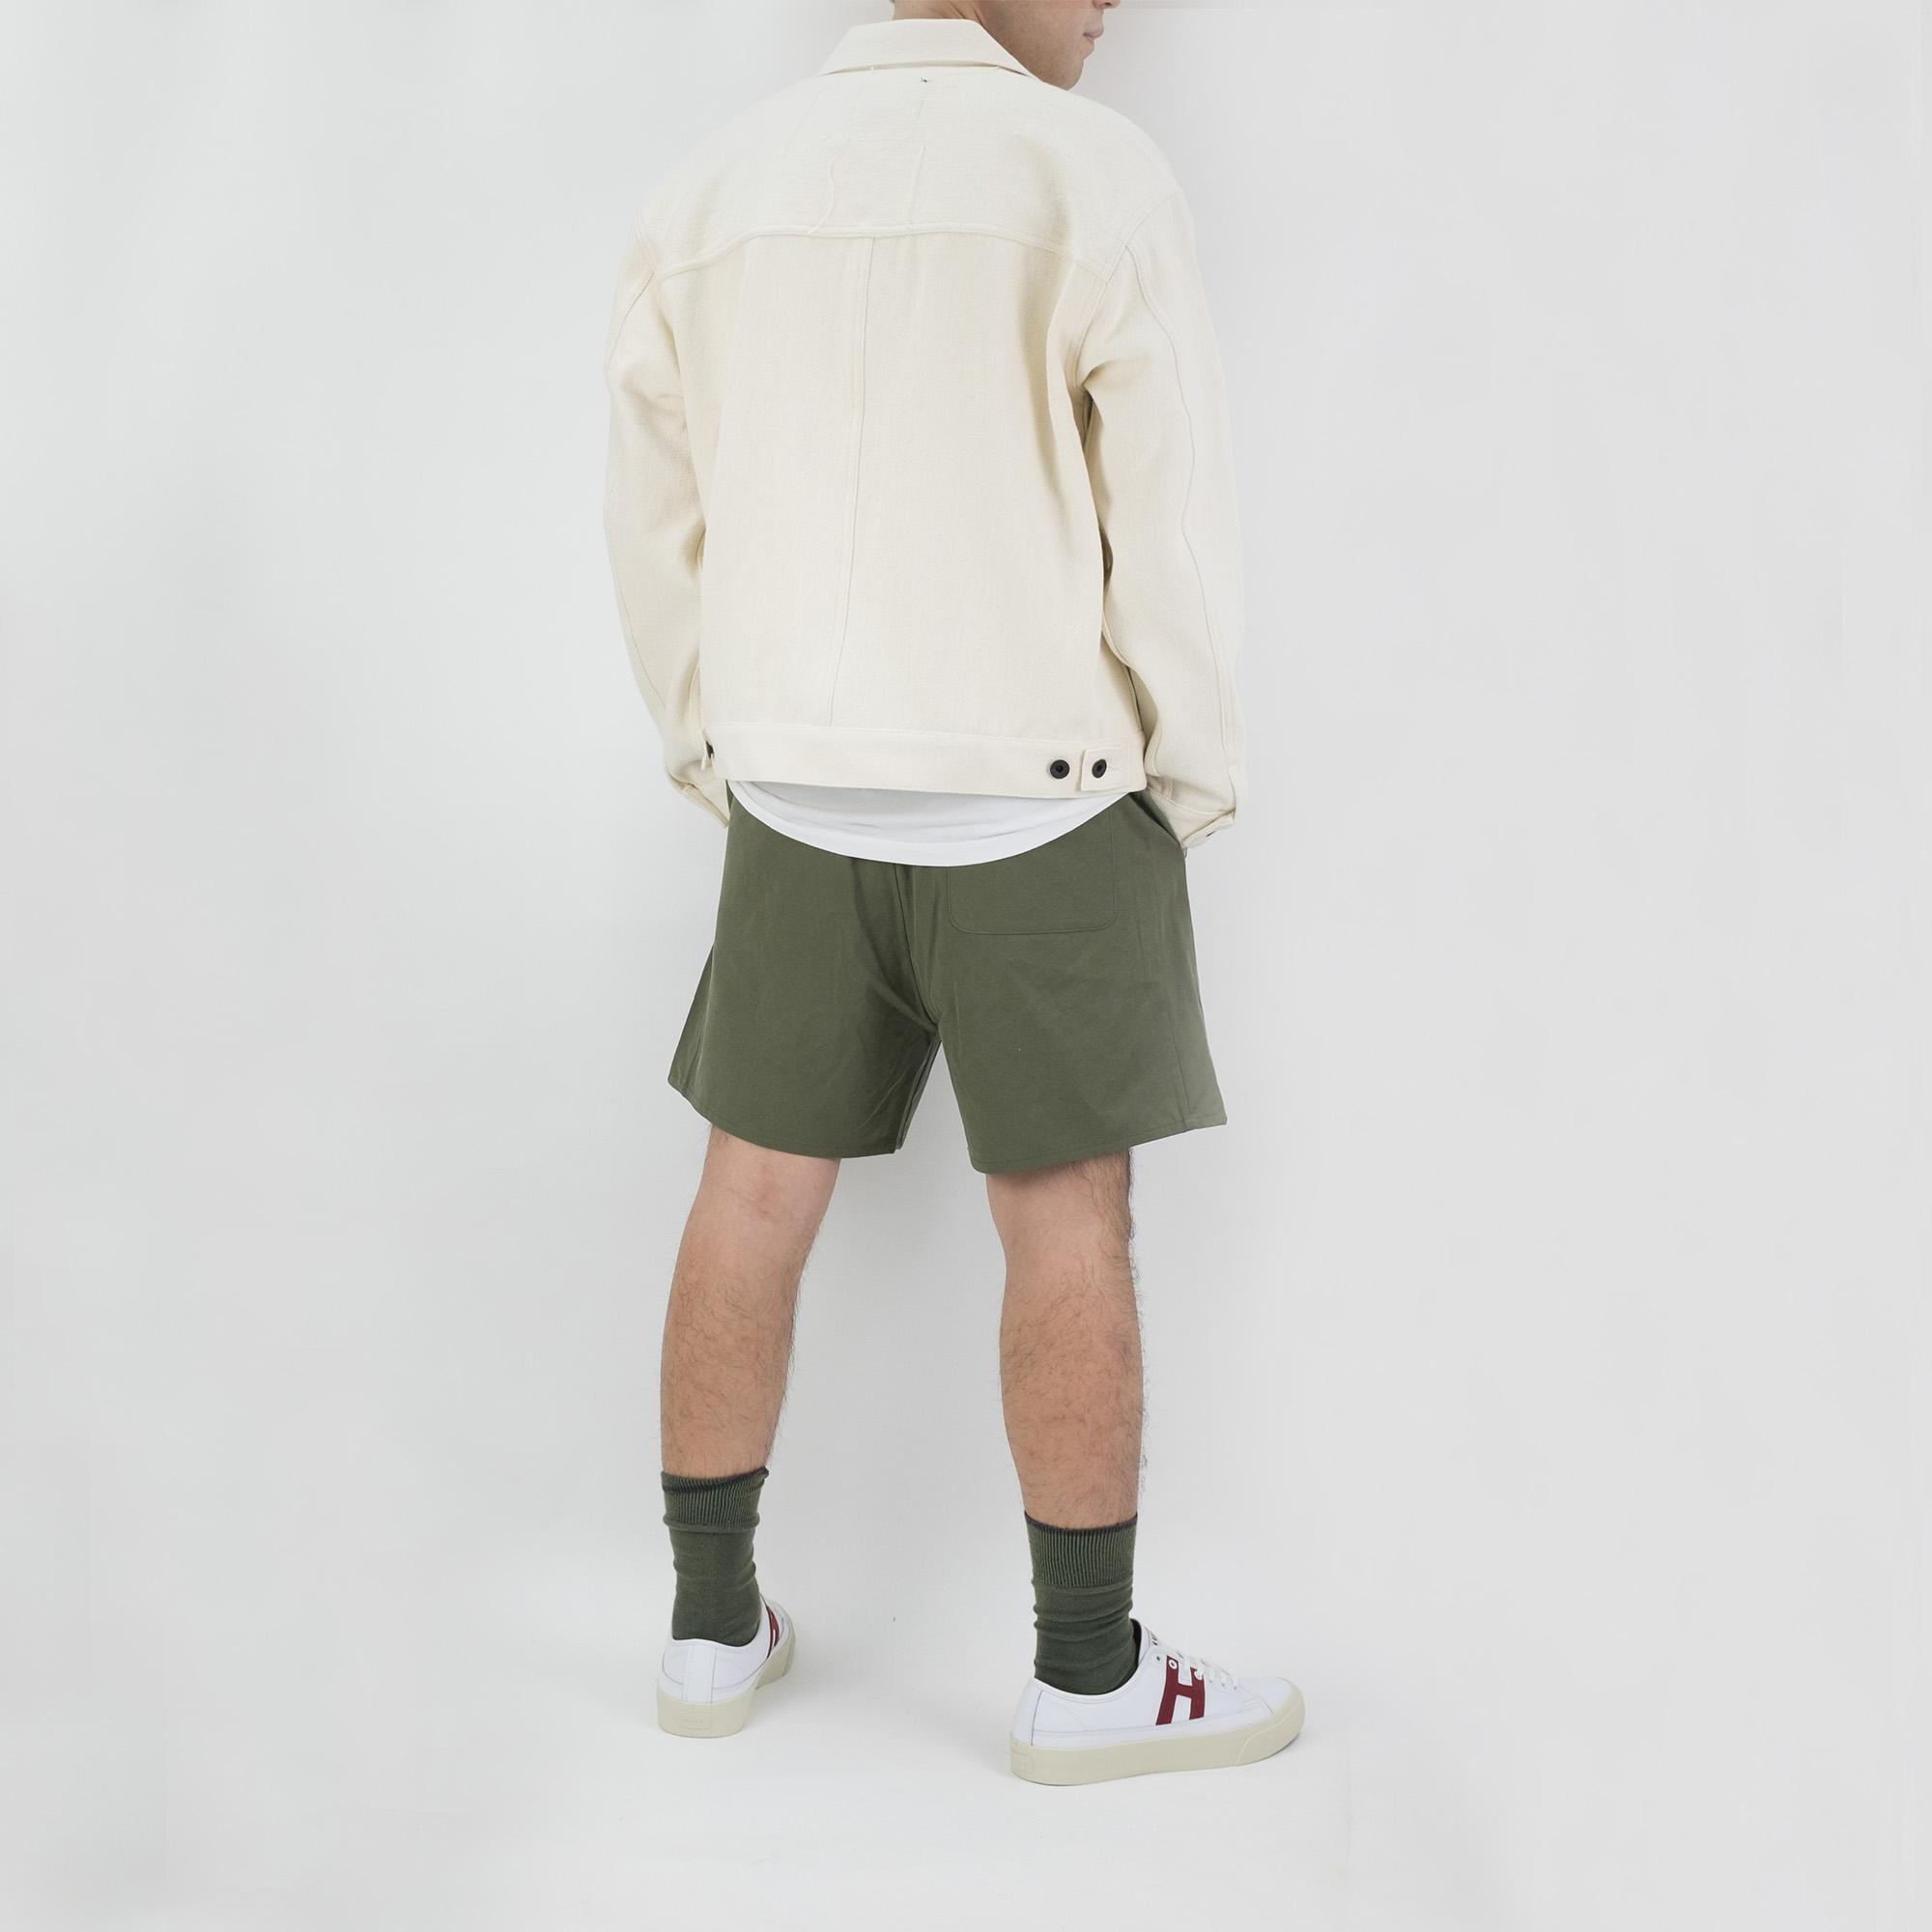 Kuro Sulfur Dyed NIDOM Training Shorts - Khaki